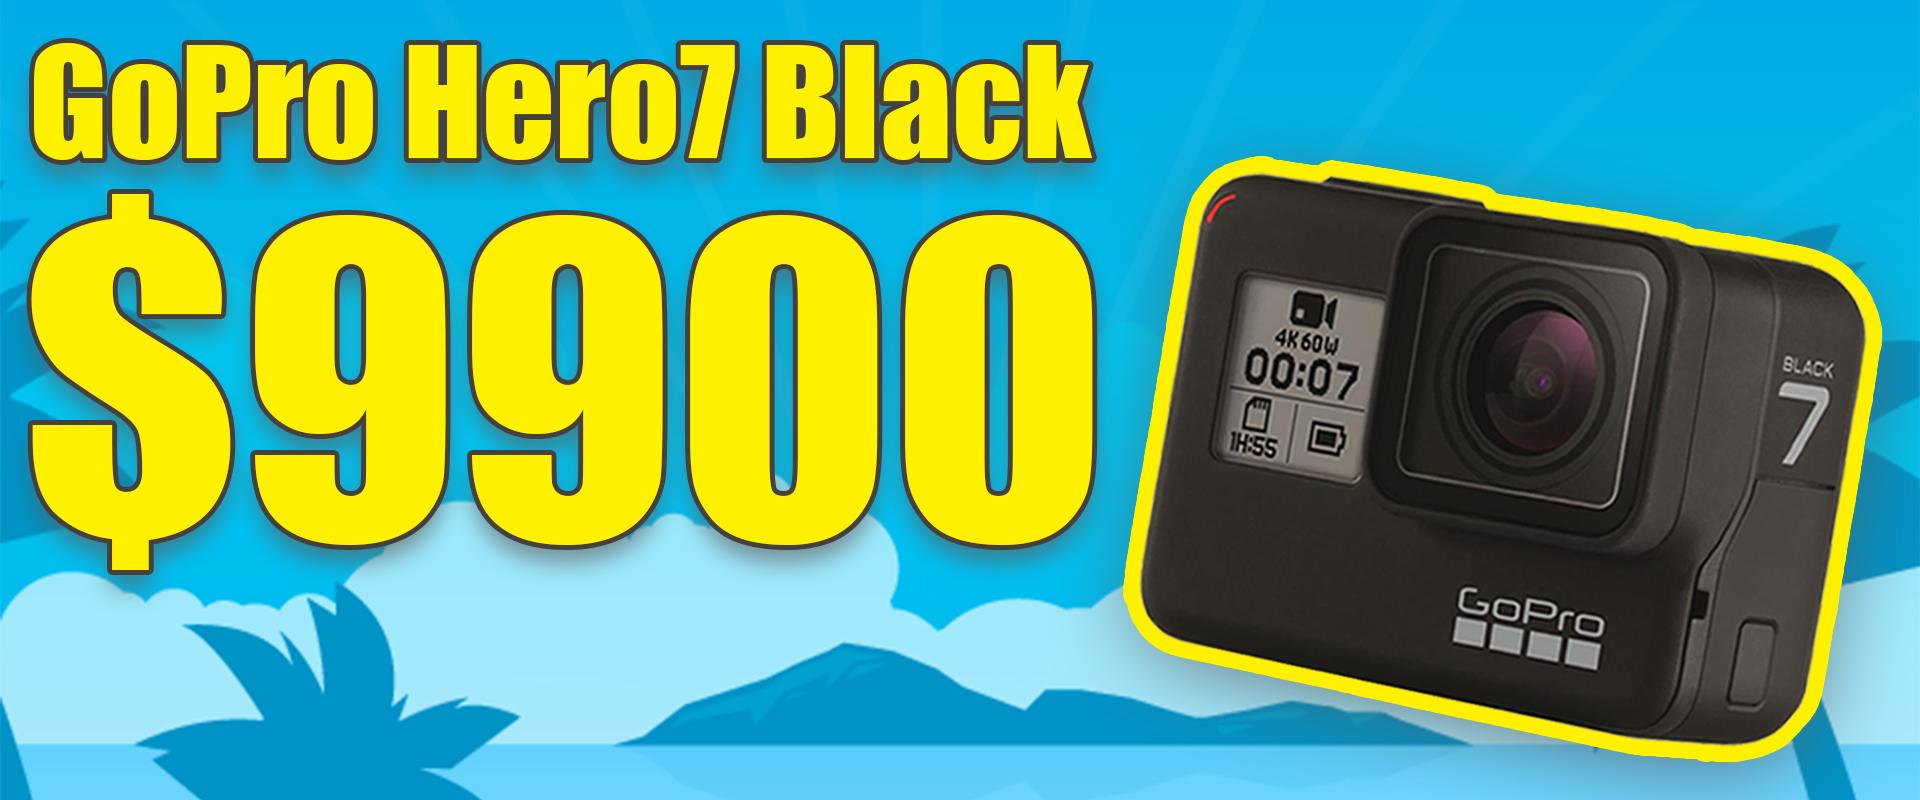 GoPro Hero7振興特價$9900!超殺現省六千 數量極有限售完為止